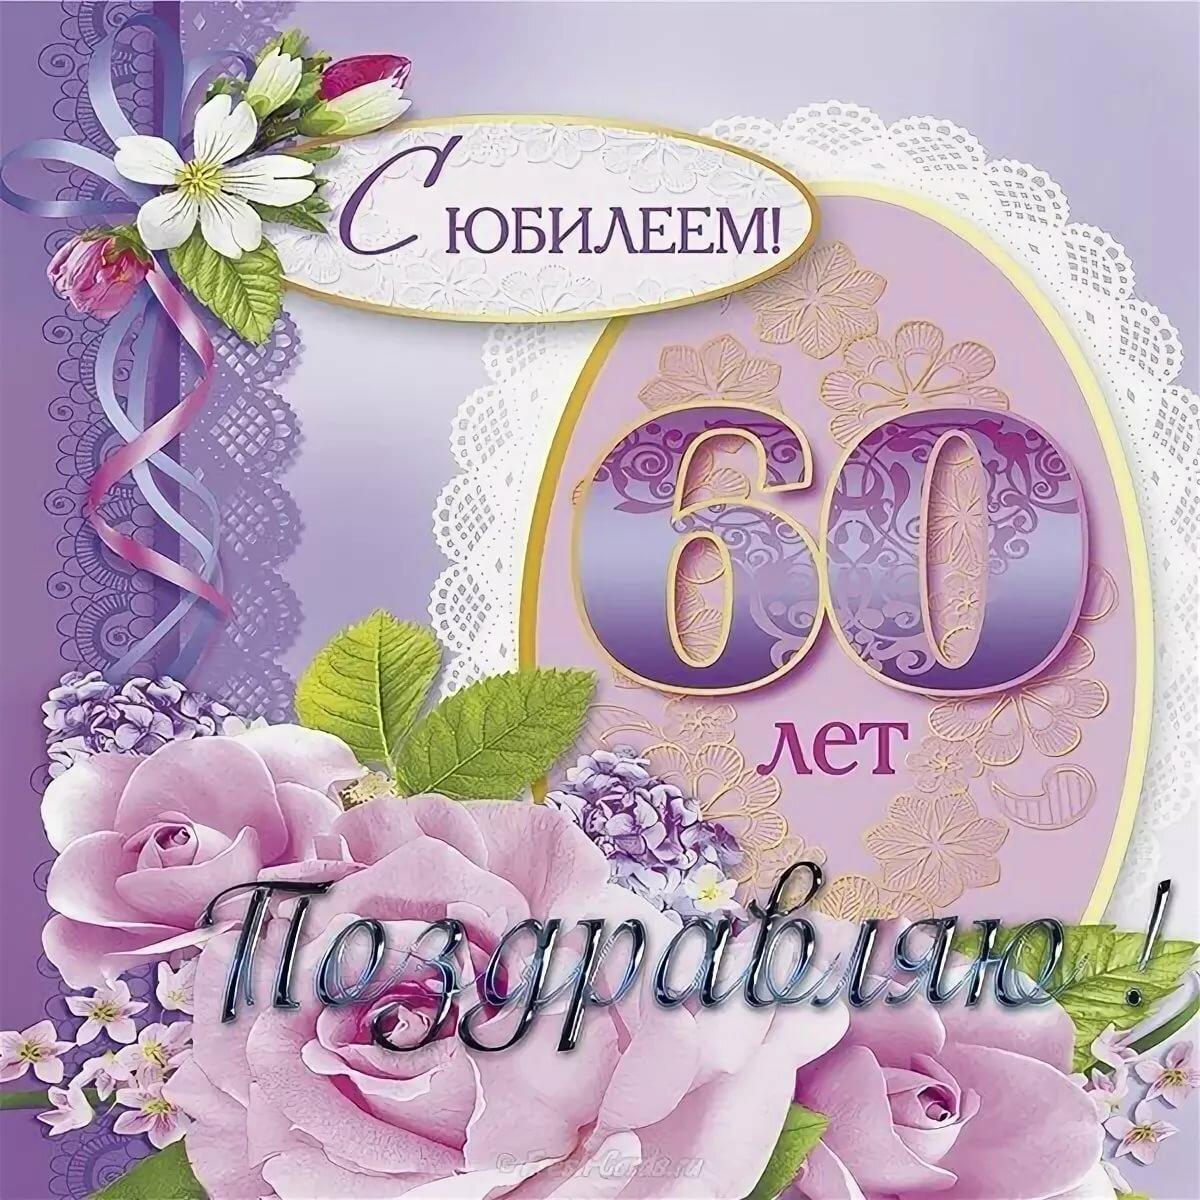 здесь поздравления душевные сестре с 60 летним юбилеем особенно